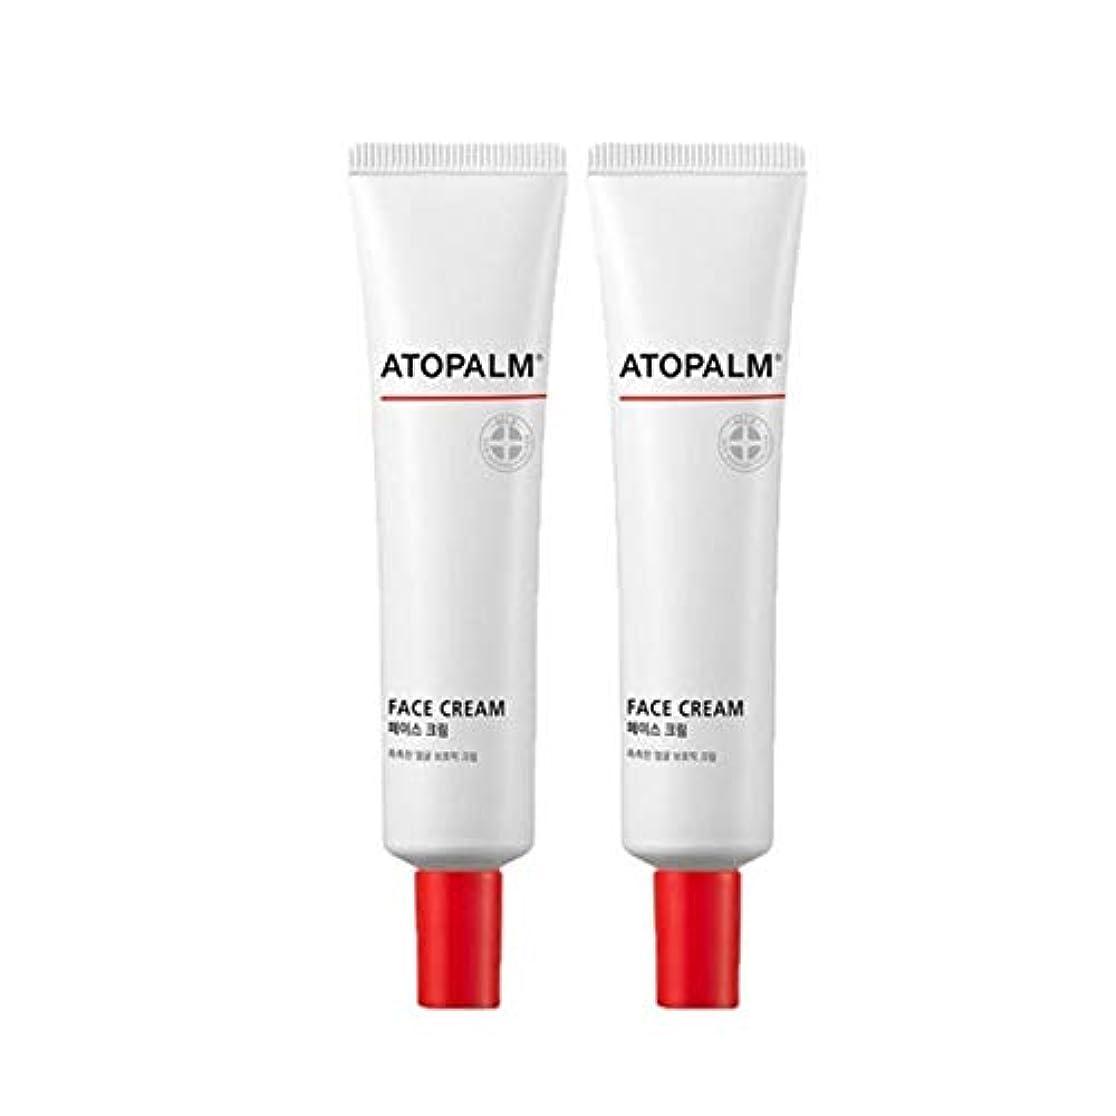 通知アクティブ北極圏アトパムフェイスクリーム35mlx2本セット韓国コスメ、Atopalm Face Cream 35ml x 2ea Set Korean Cosmetics [並行輸入品]